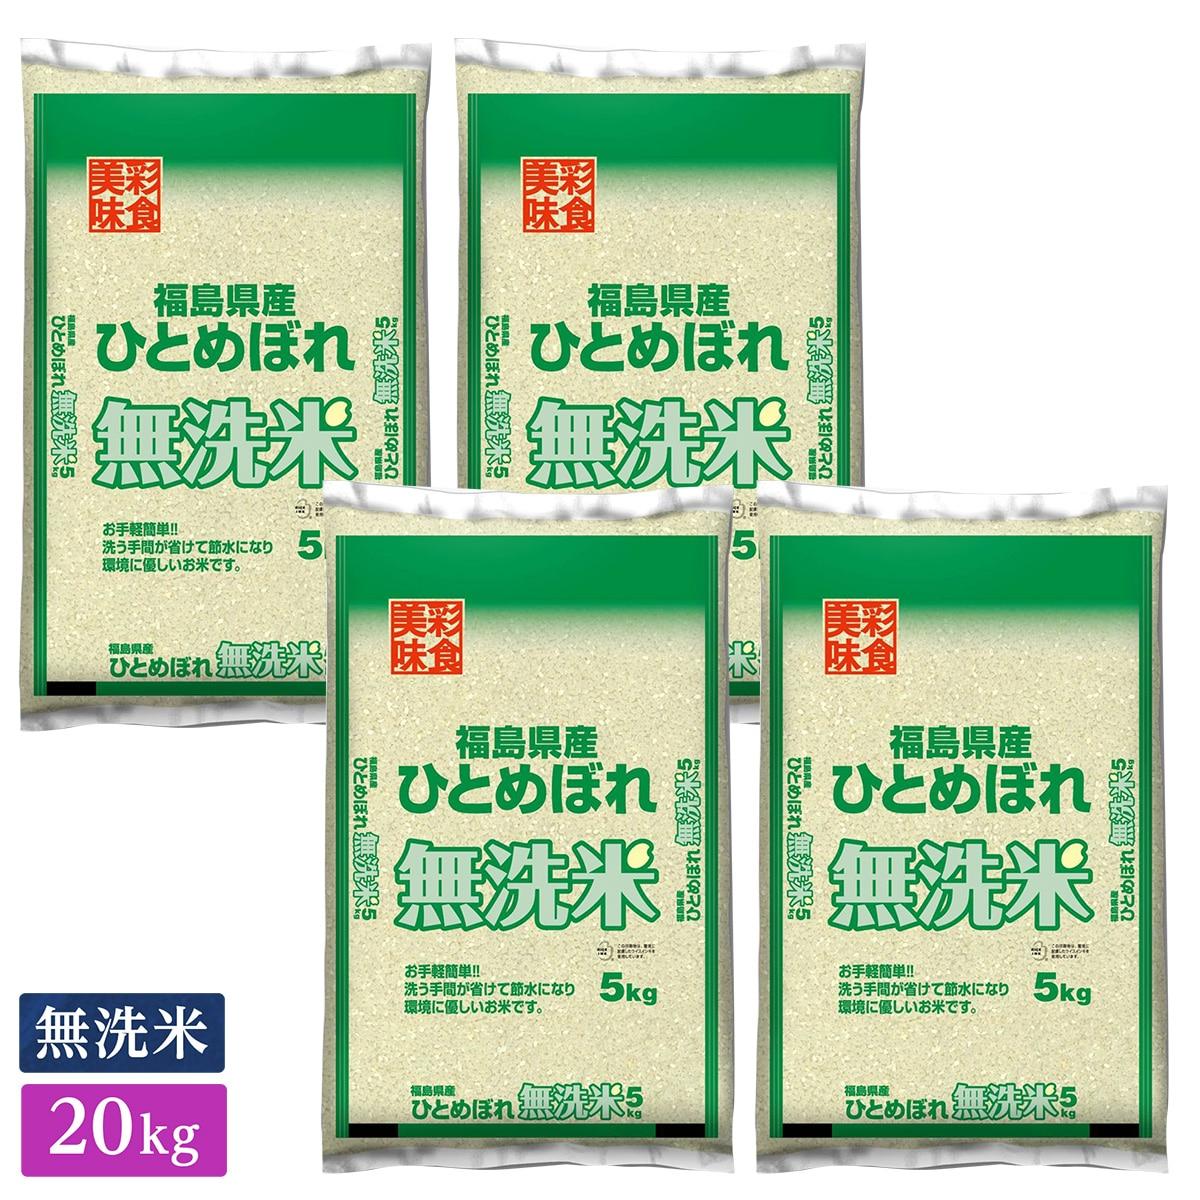 【送料無料】■◇新米 無洗米 令和3年産 福島県産 ひとめぼれ 20kg(5kg×4袋)